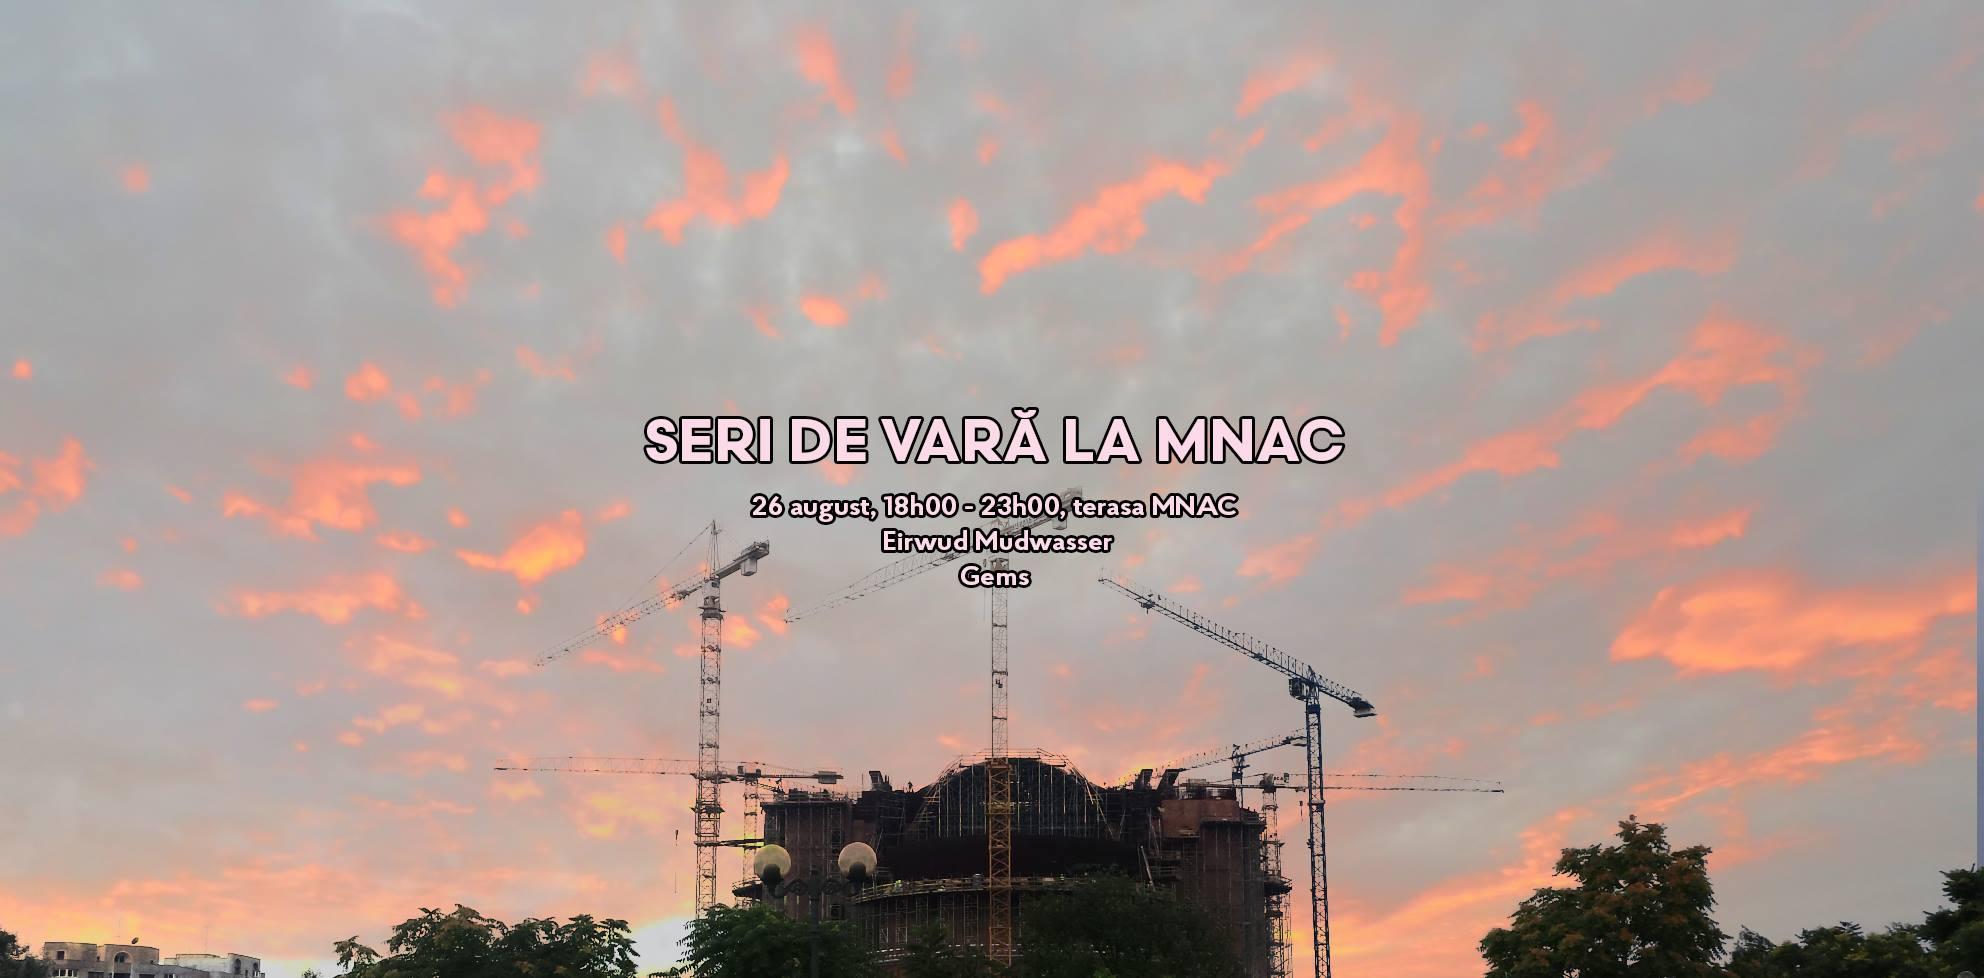 Seri de vară la MNAC | Eirwud Mudwasser & Gems